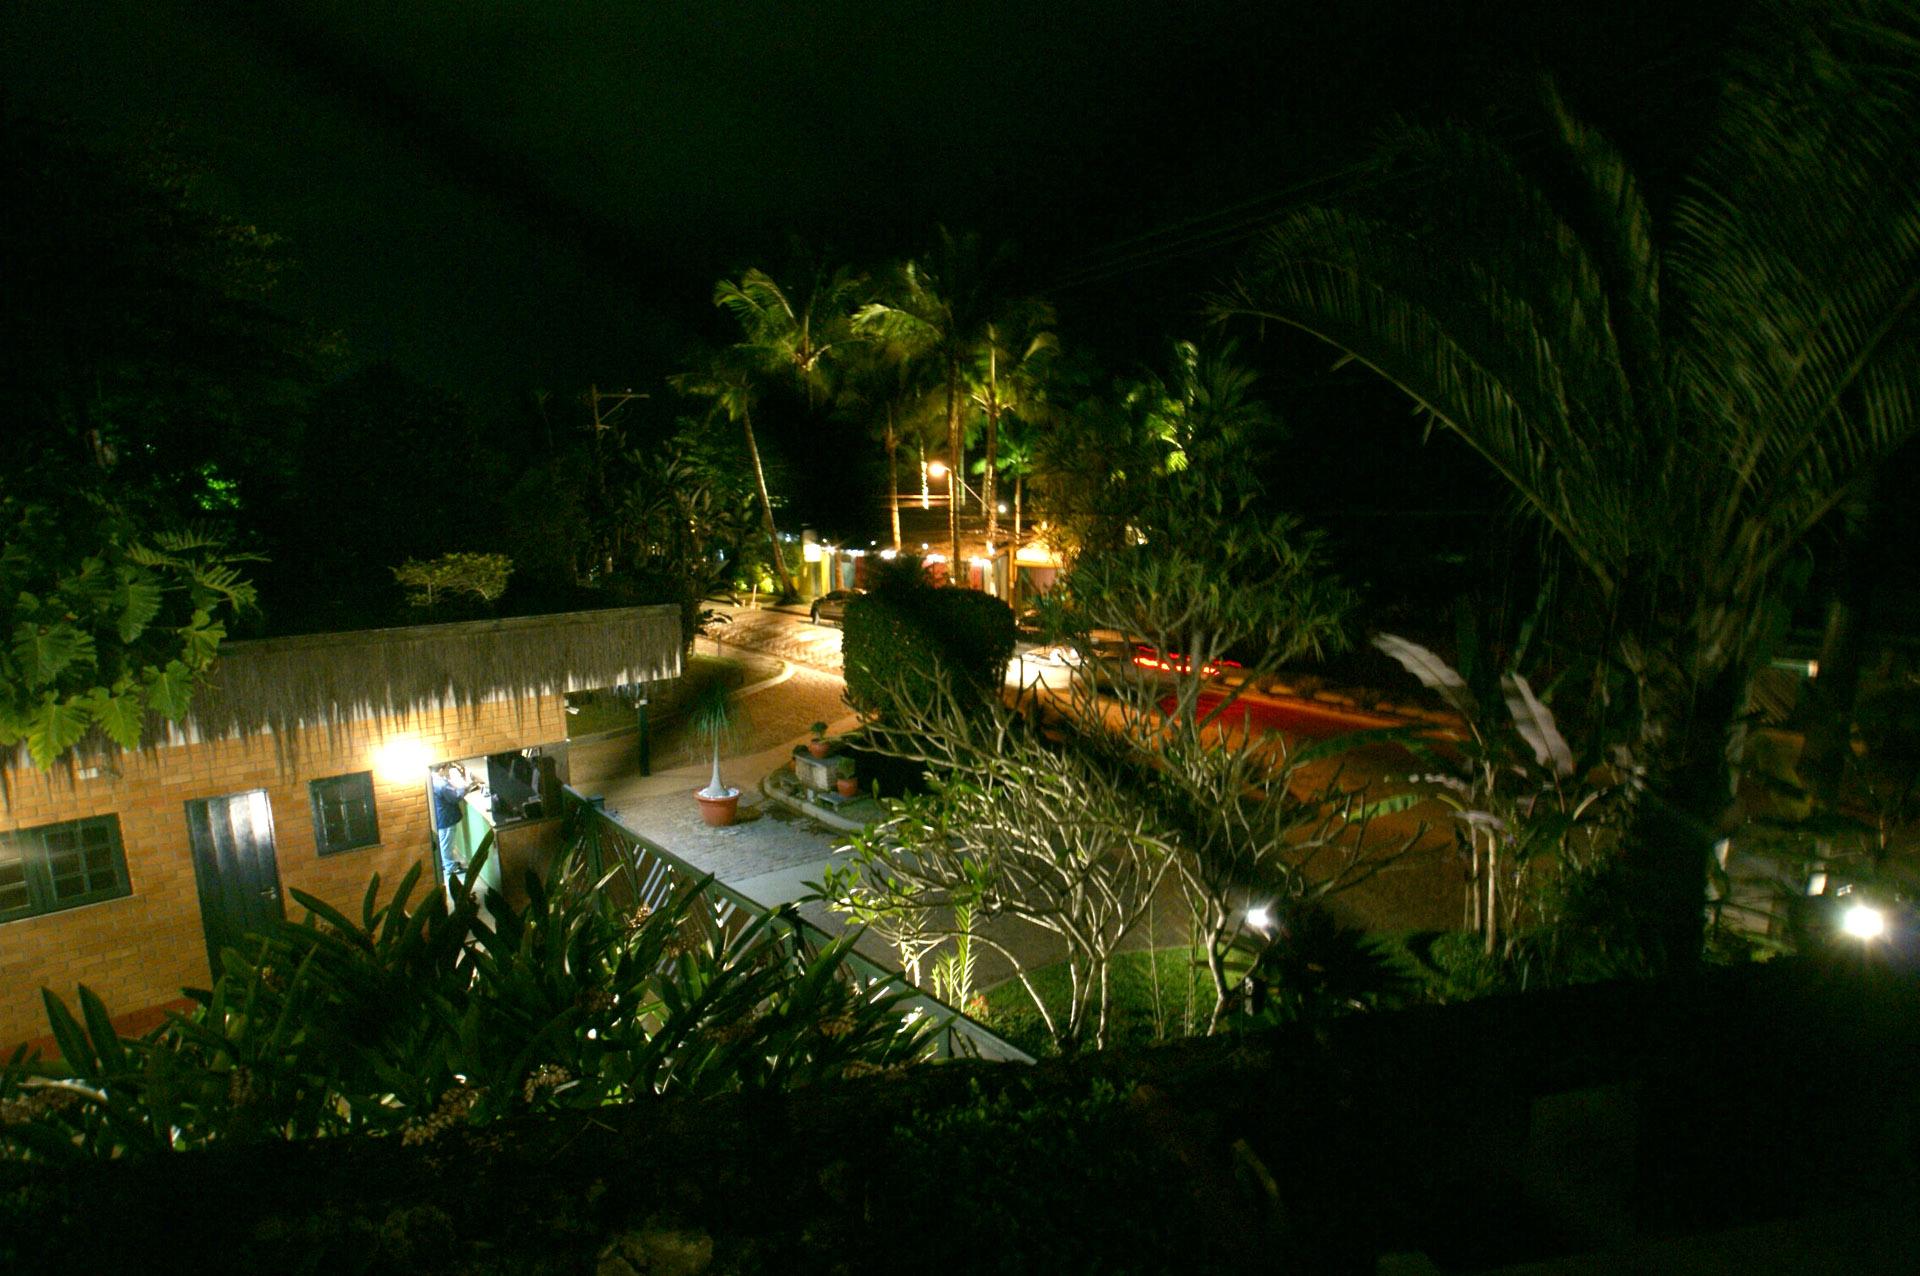 Vista da casa à noite